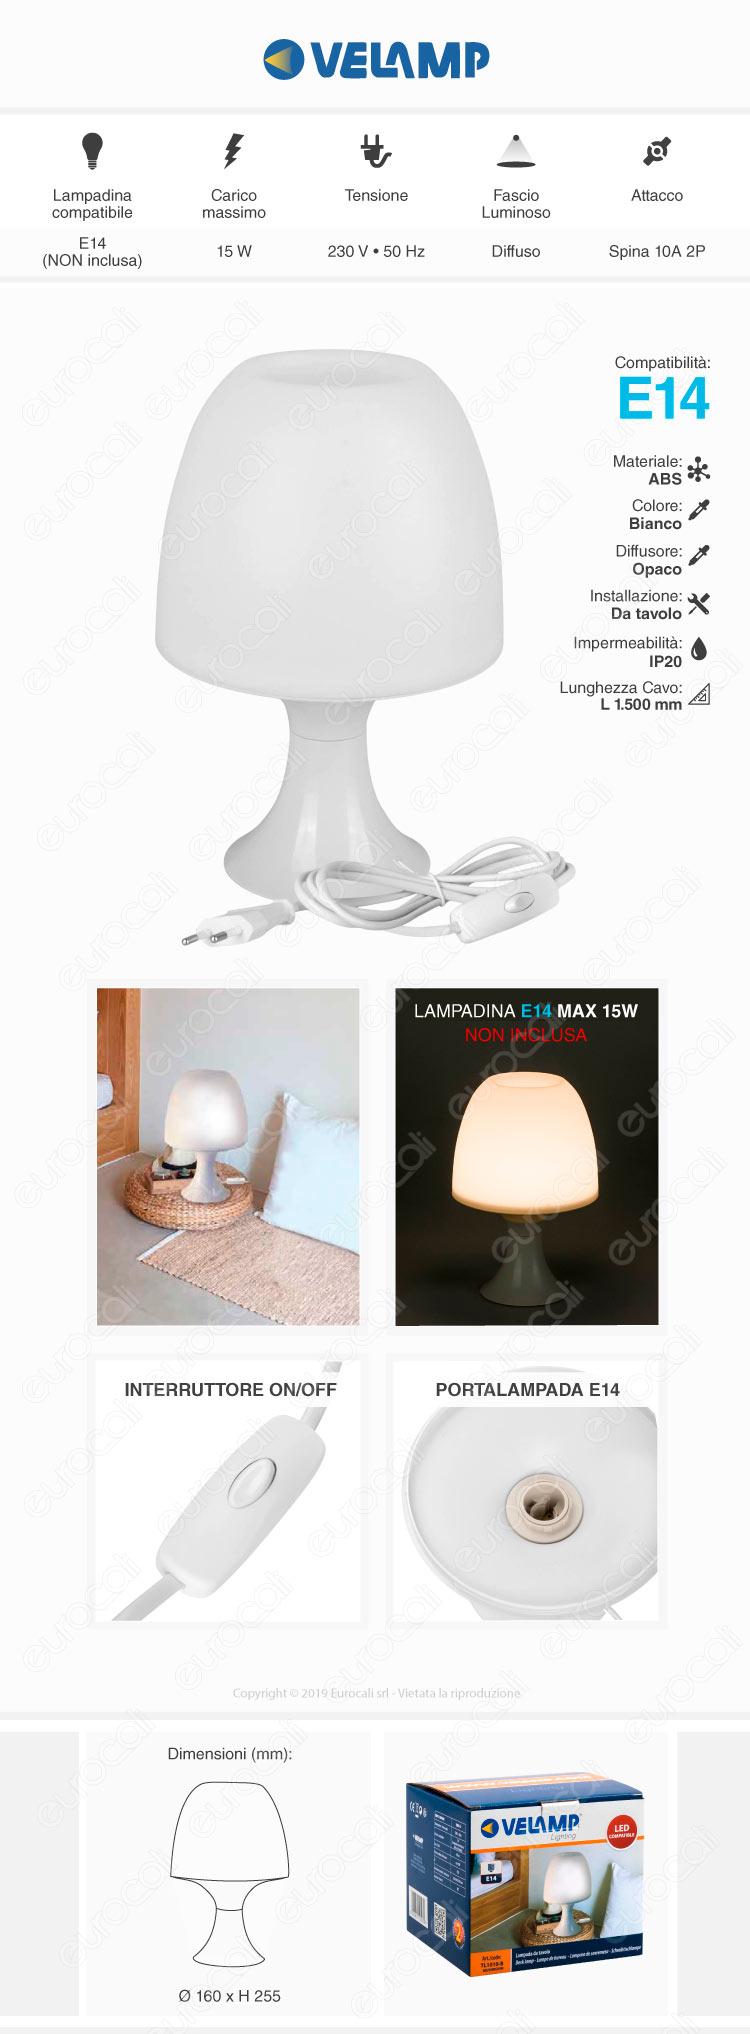 Velamp Lampada da Tavolo Mushroom con Portalampada per Lampadine E14